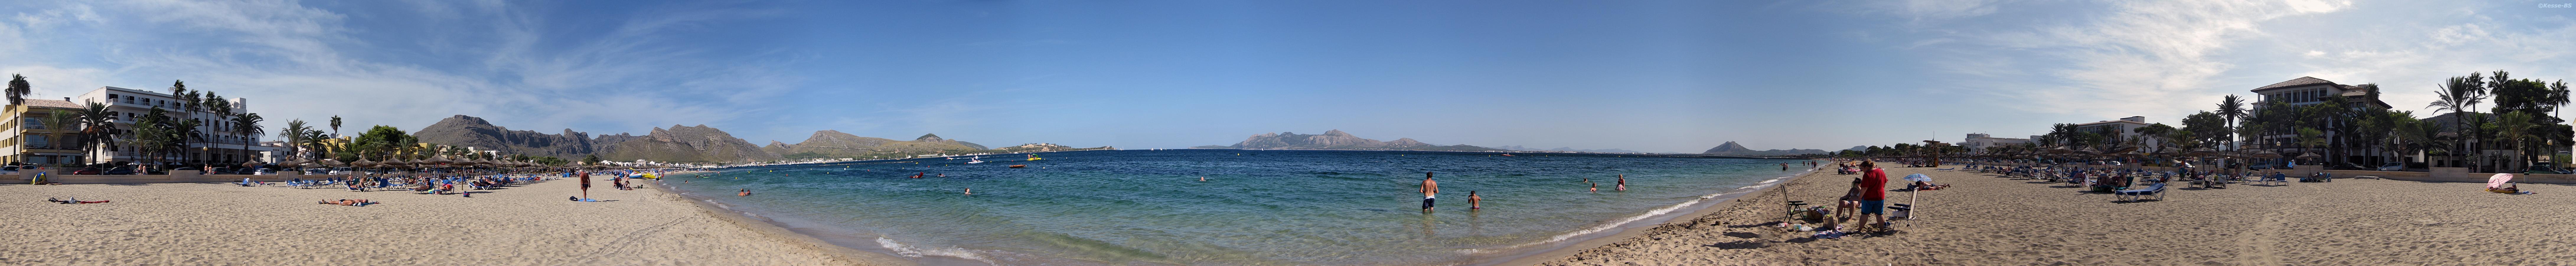 Foto playa Port de Pollença / Platja de Llenaire / Platja dels Tamarells. Mallorca * Cala Volantina * 360° Panorama * 09.2008